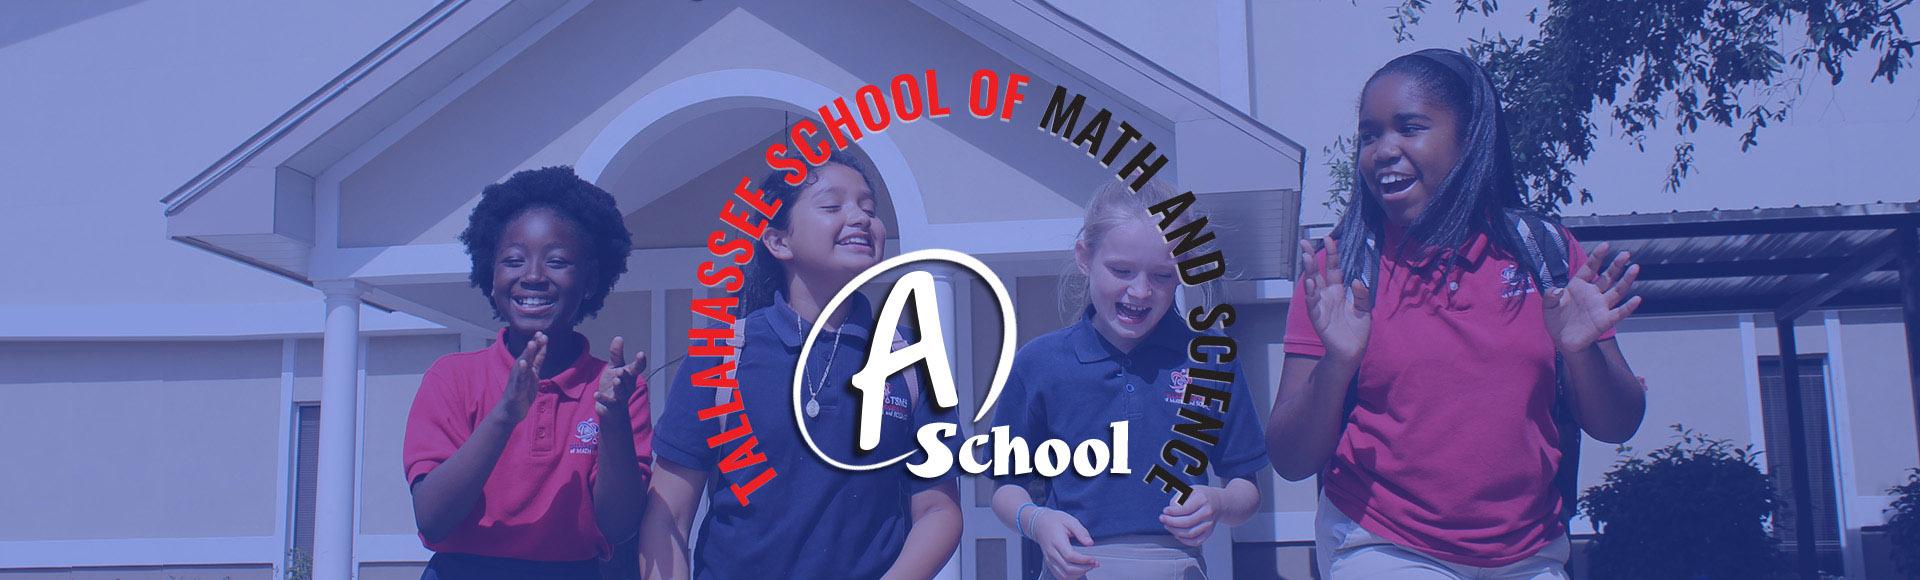 A-school-banner2019